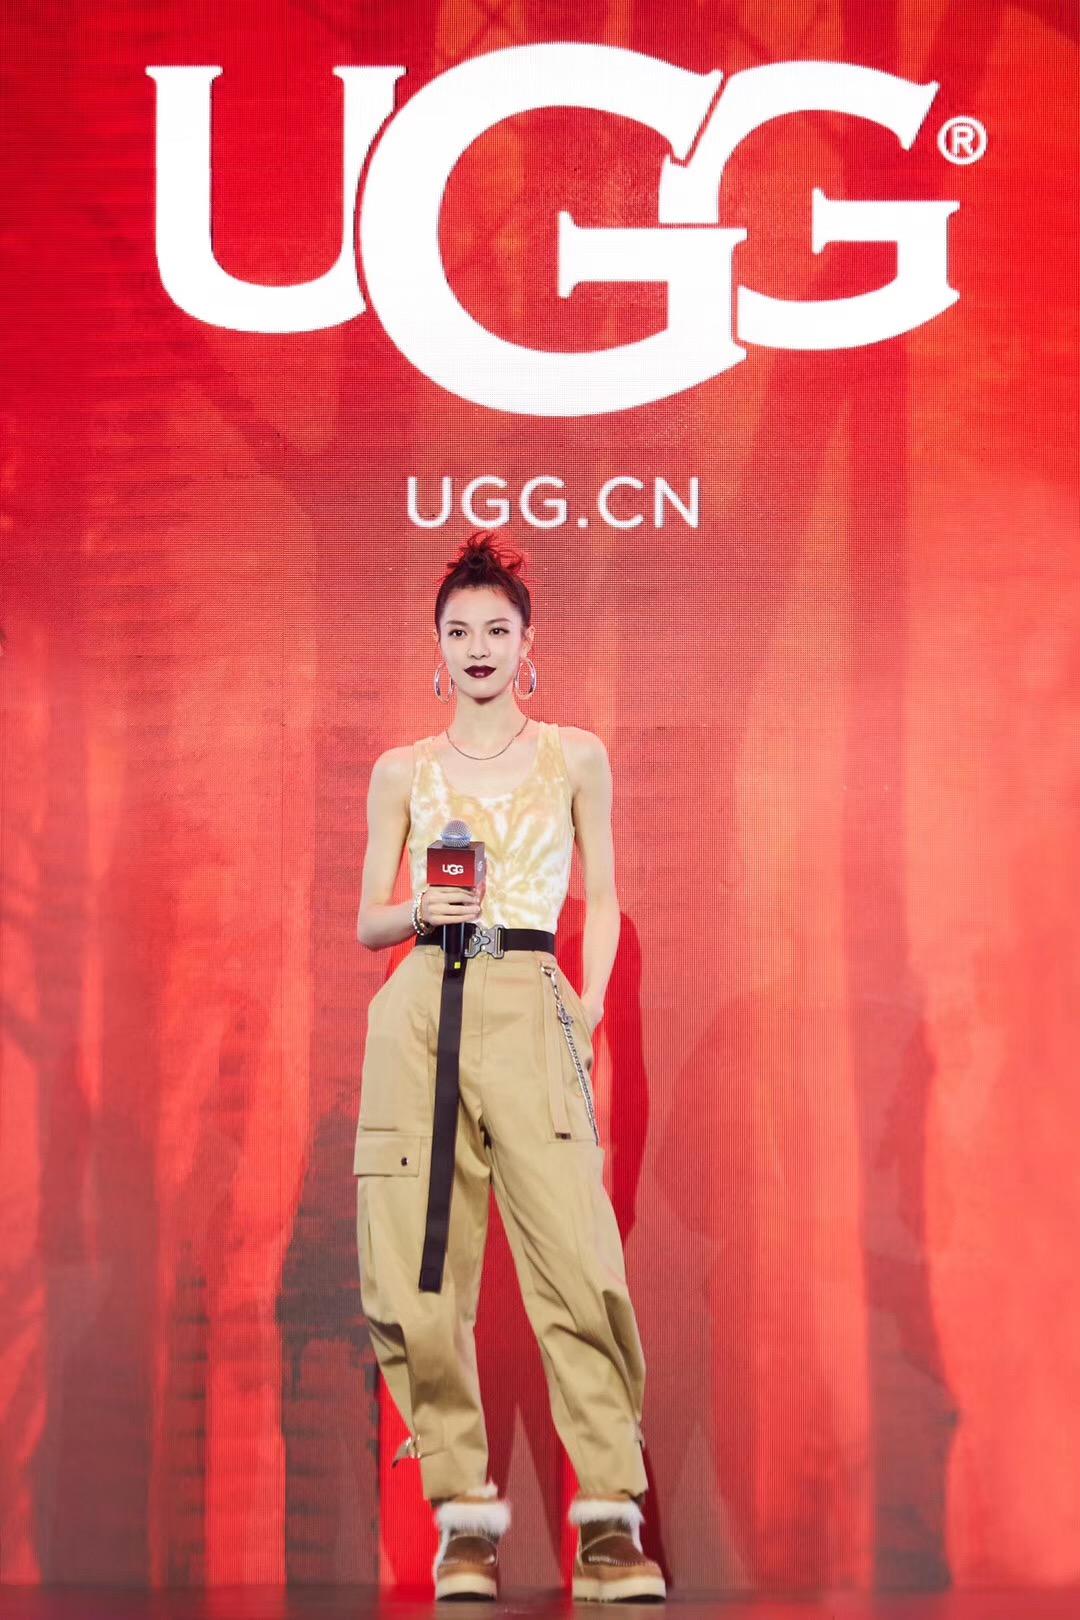 本周,街拍时刻受邀出席了@UGG官方微博 举办的品牌 2019秋冬大秀